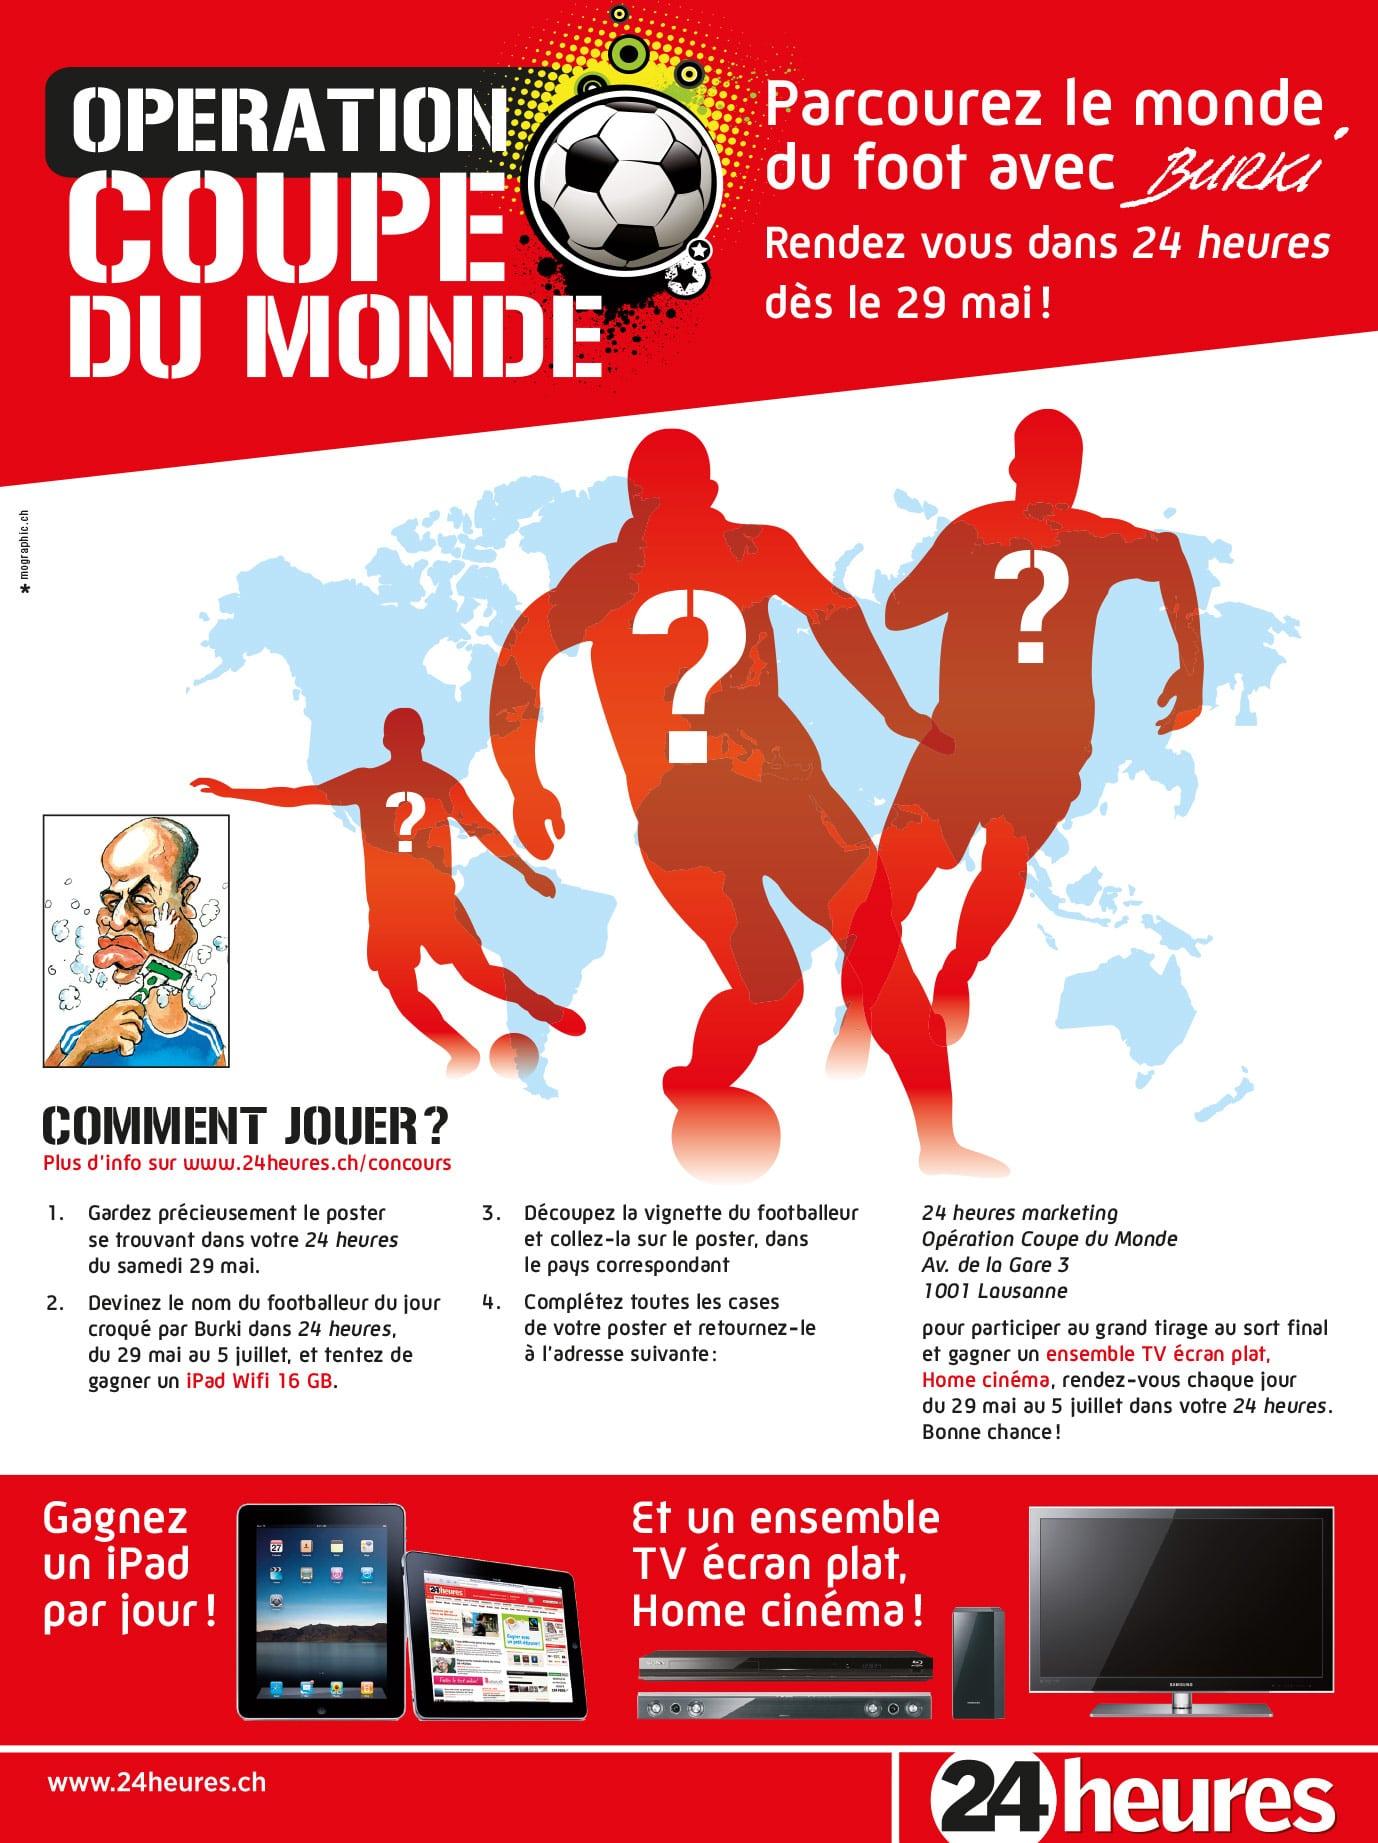 24 heures / Opération Coupe du Monde - Concours - Haymoz design